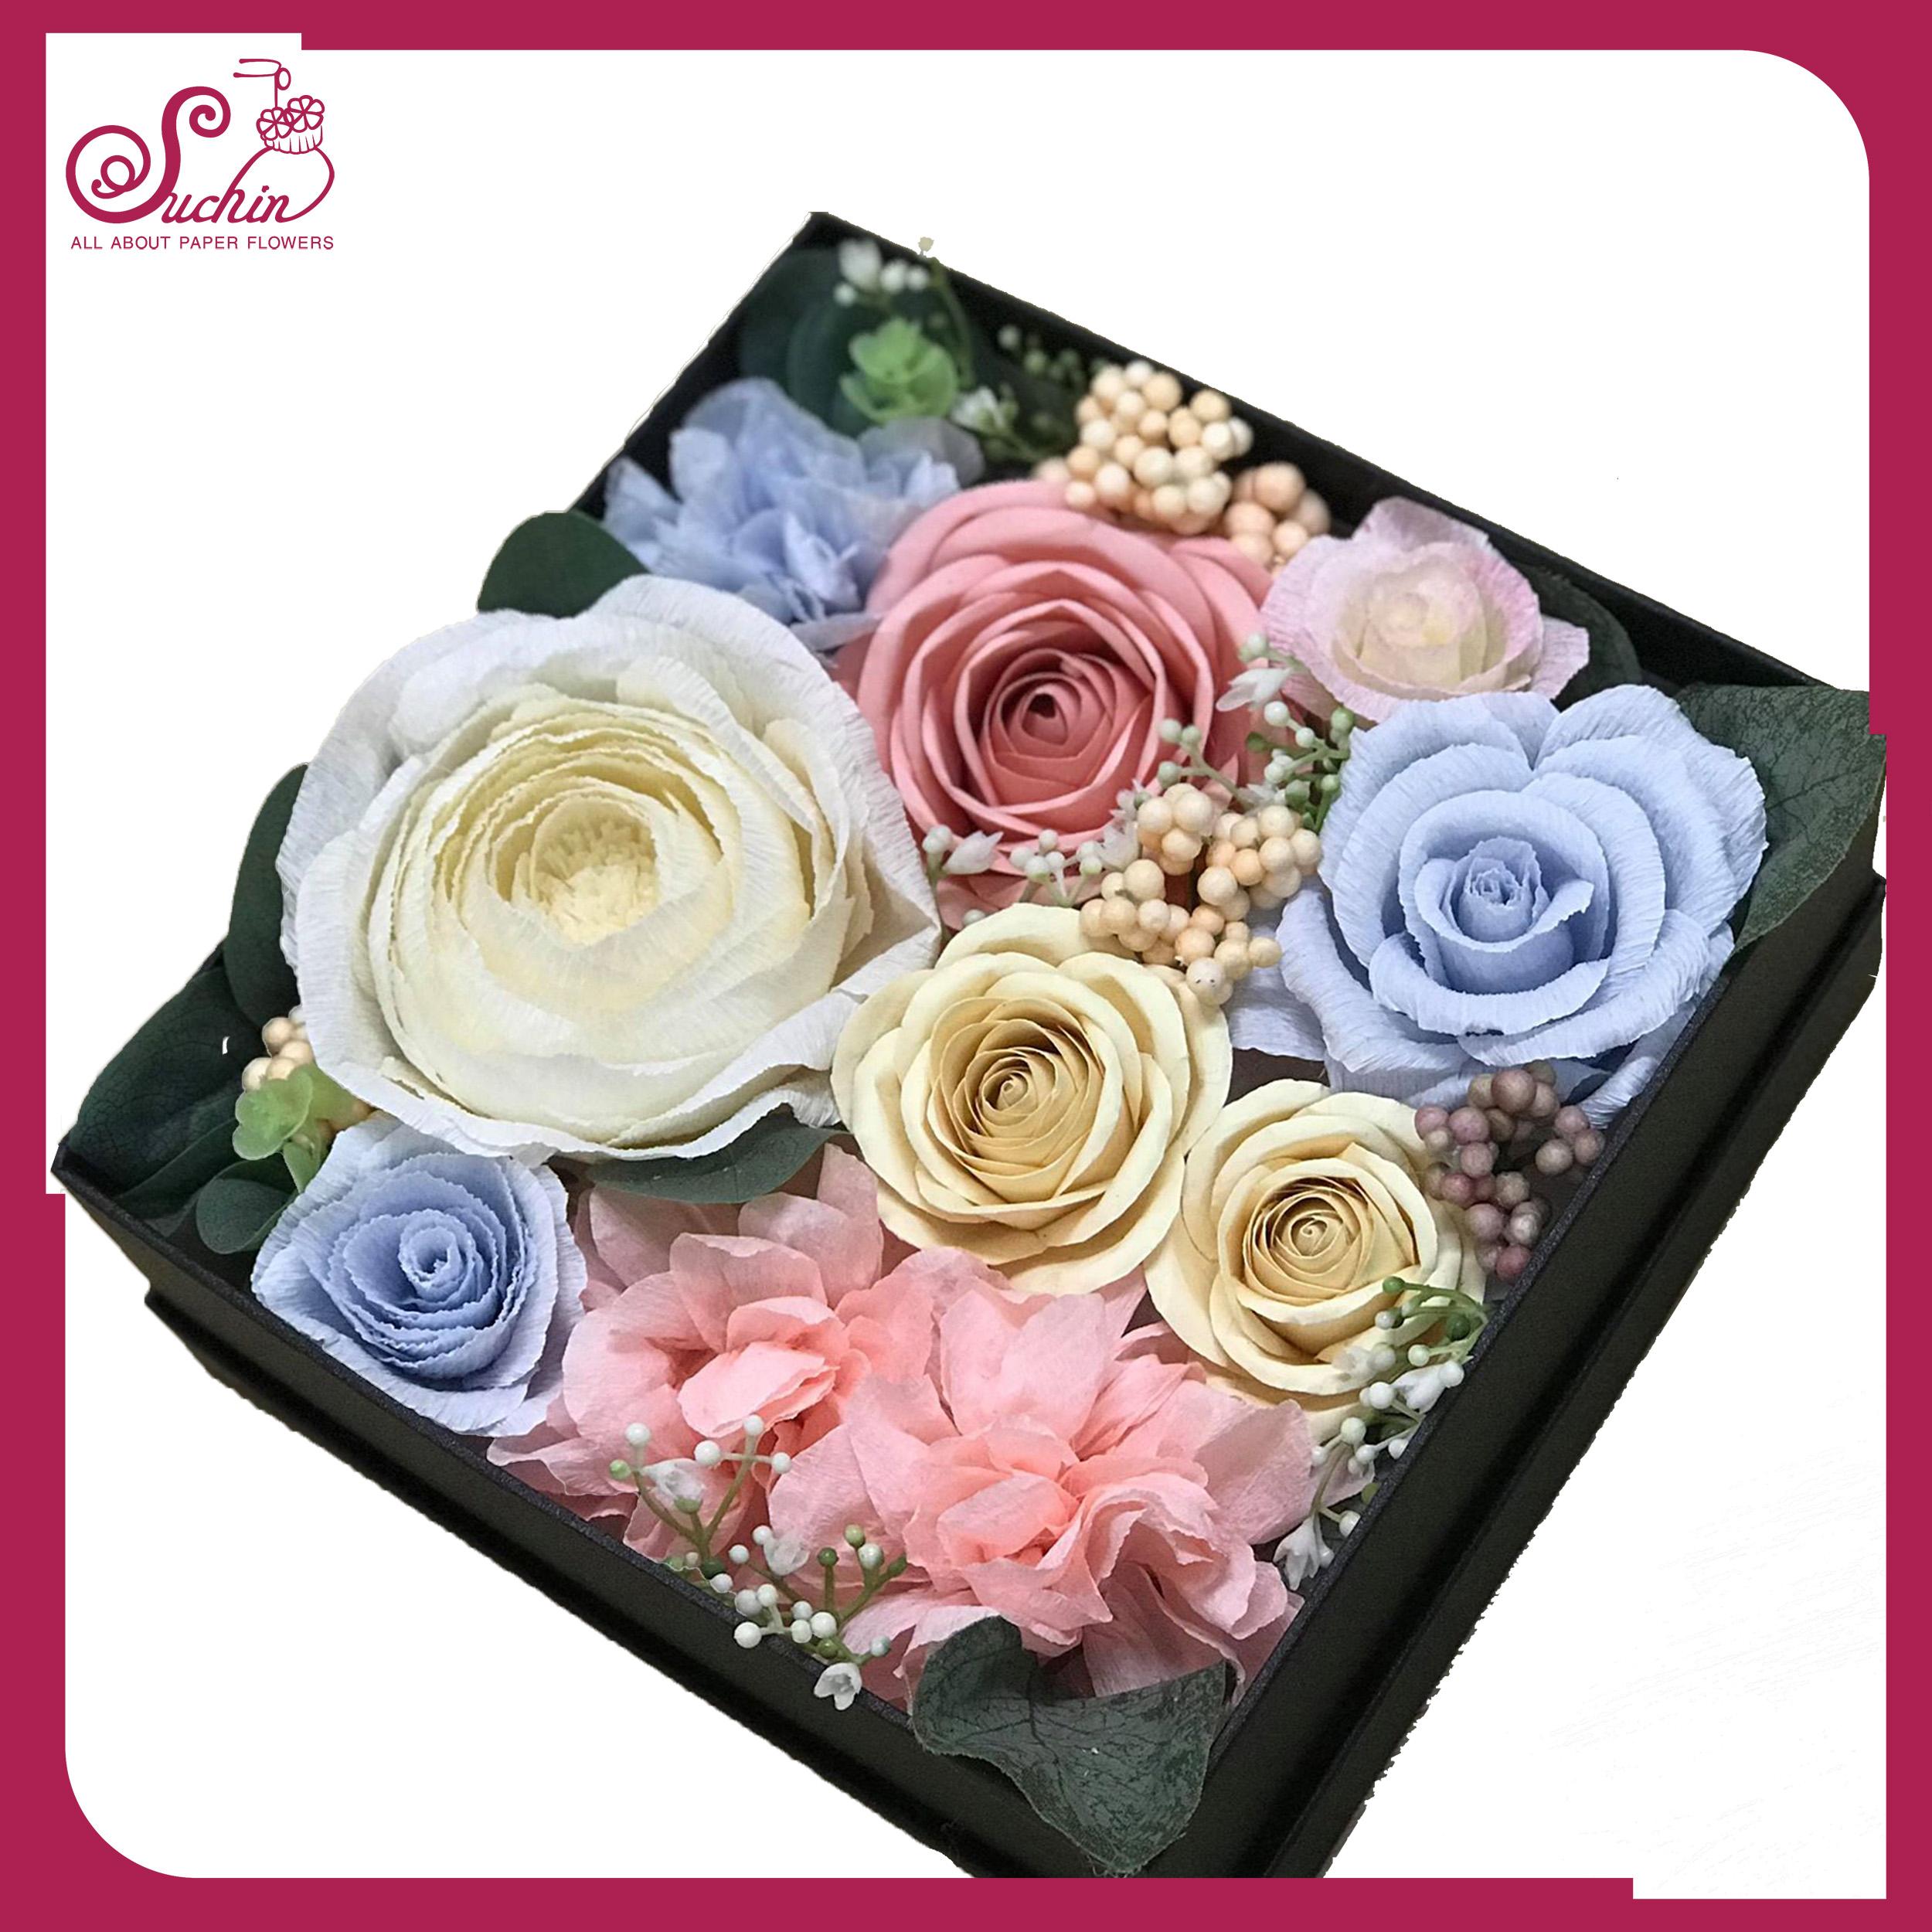 Hộp hoa giấy hình vuông tone màu xanh hồng